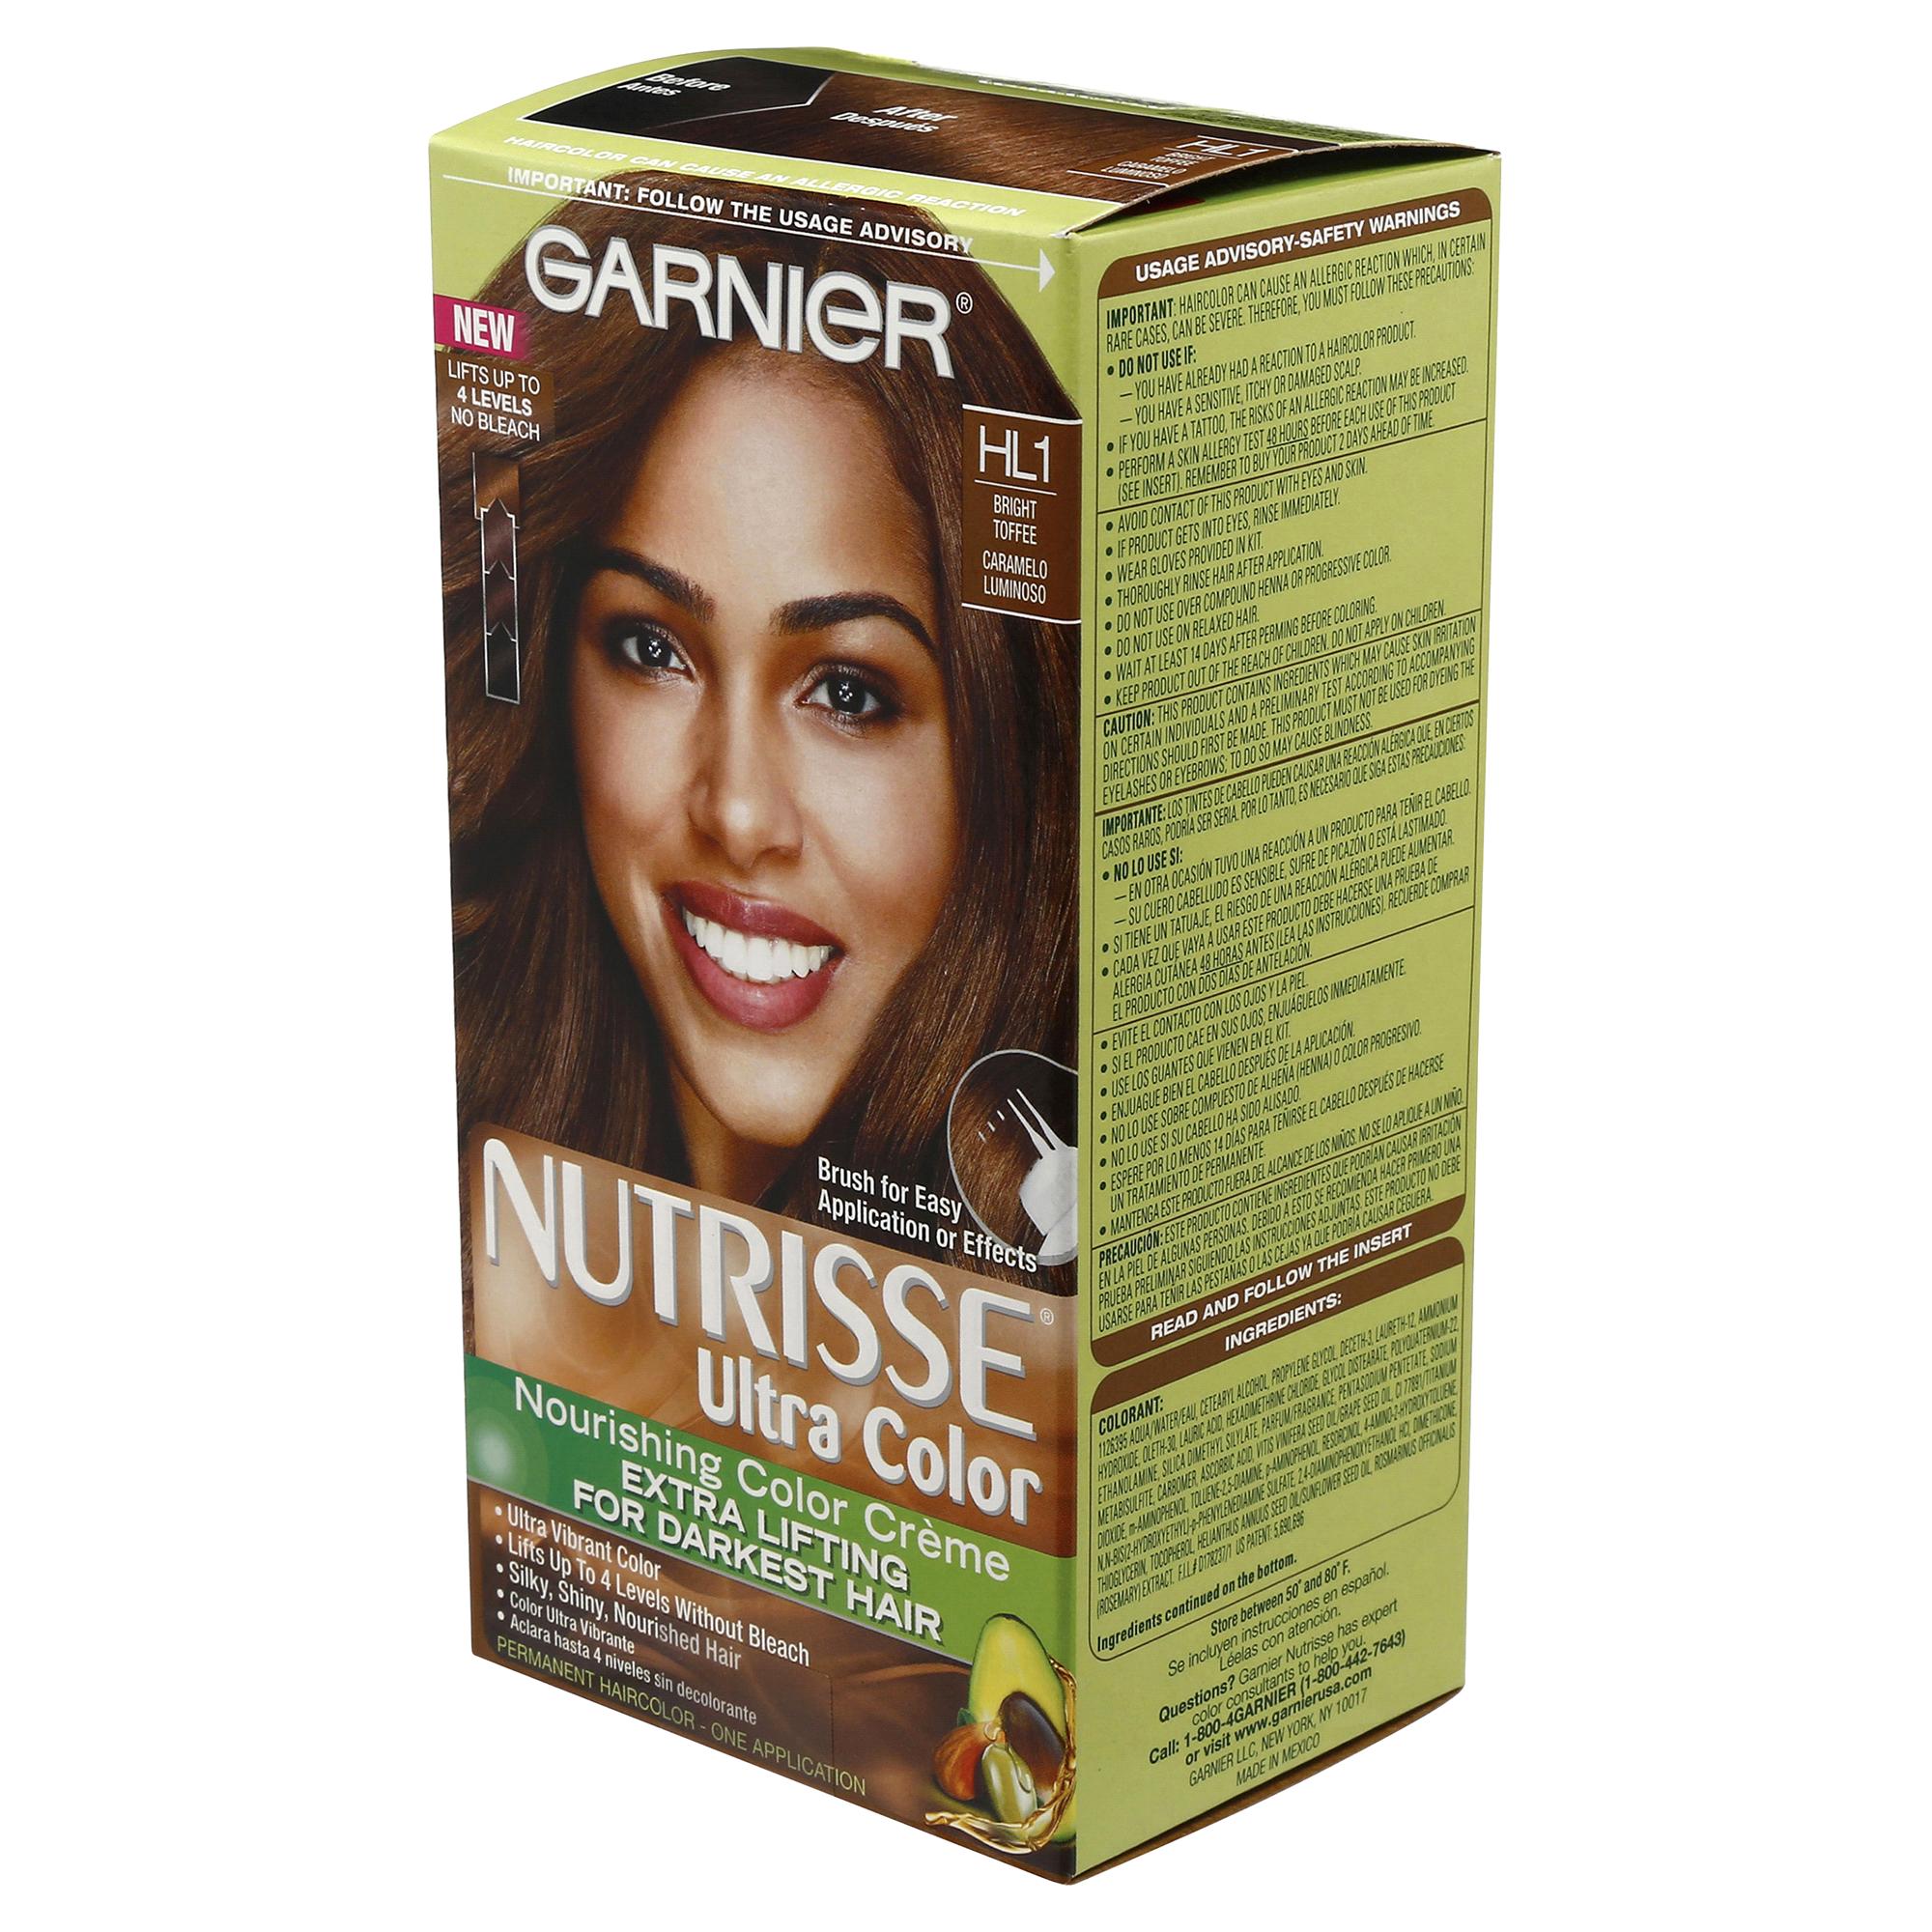 Garnier Nutrisse Ultra Color HL1 Bright Toffee | Meijer.com